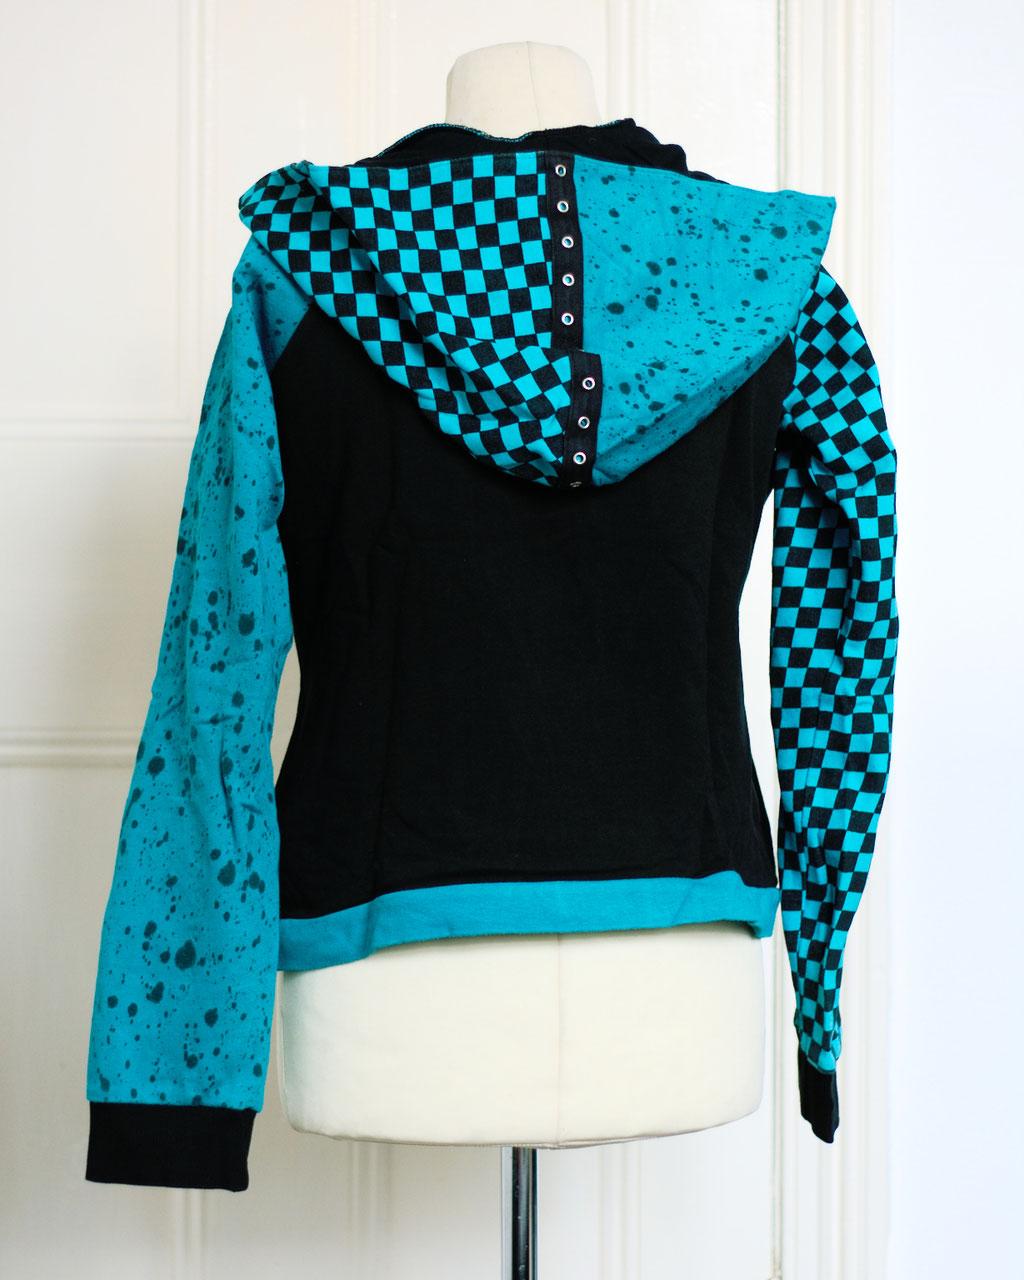 Flohmarkt: Pullis und Jacken - türkis schwarze Kapuzenjacke - Zebraspider DIY Anti-Fashion Blog